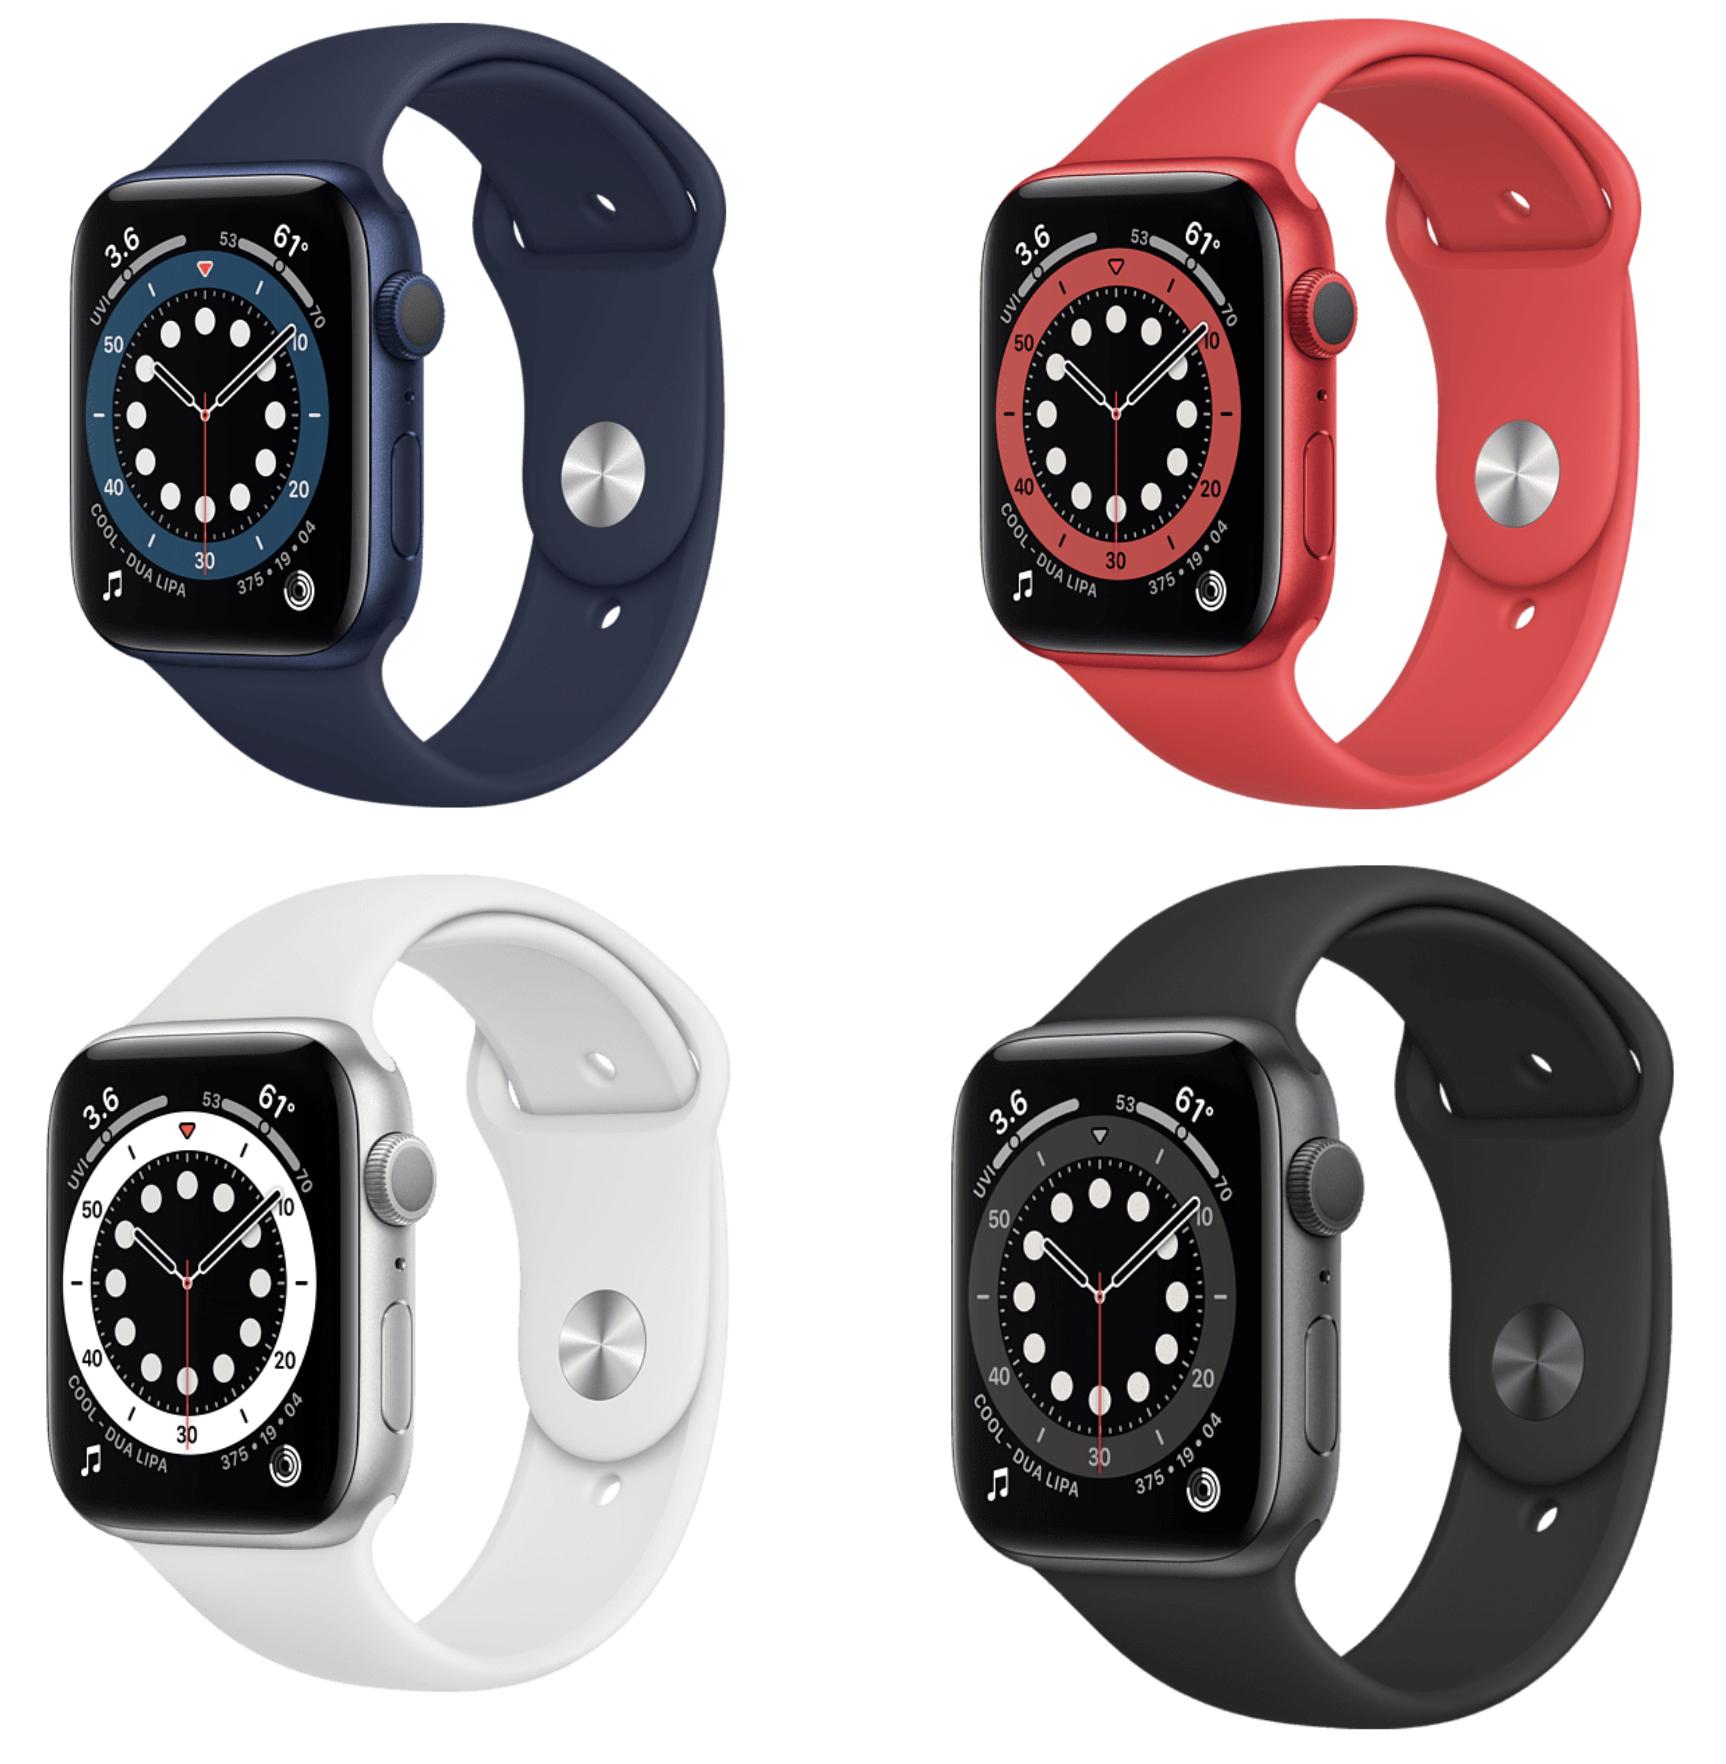 APPLE Watch Series 6 GPS Smartwatch 40mm für 363,25€ / 44mm Variante für 389,29€ inkl. Versandkosten